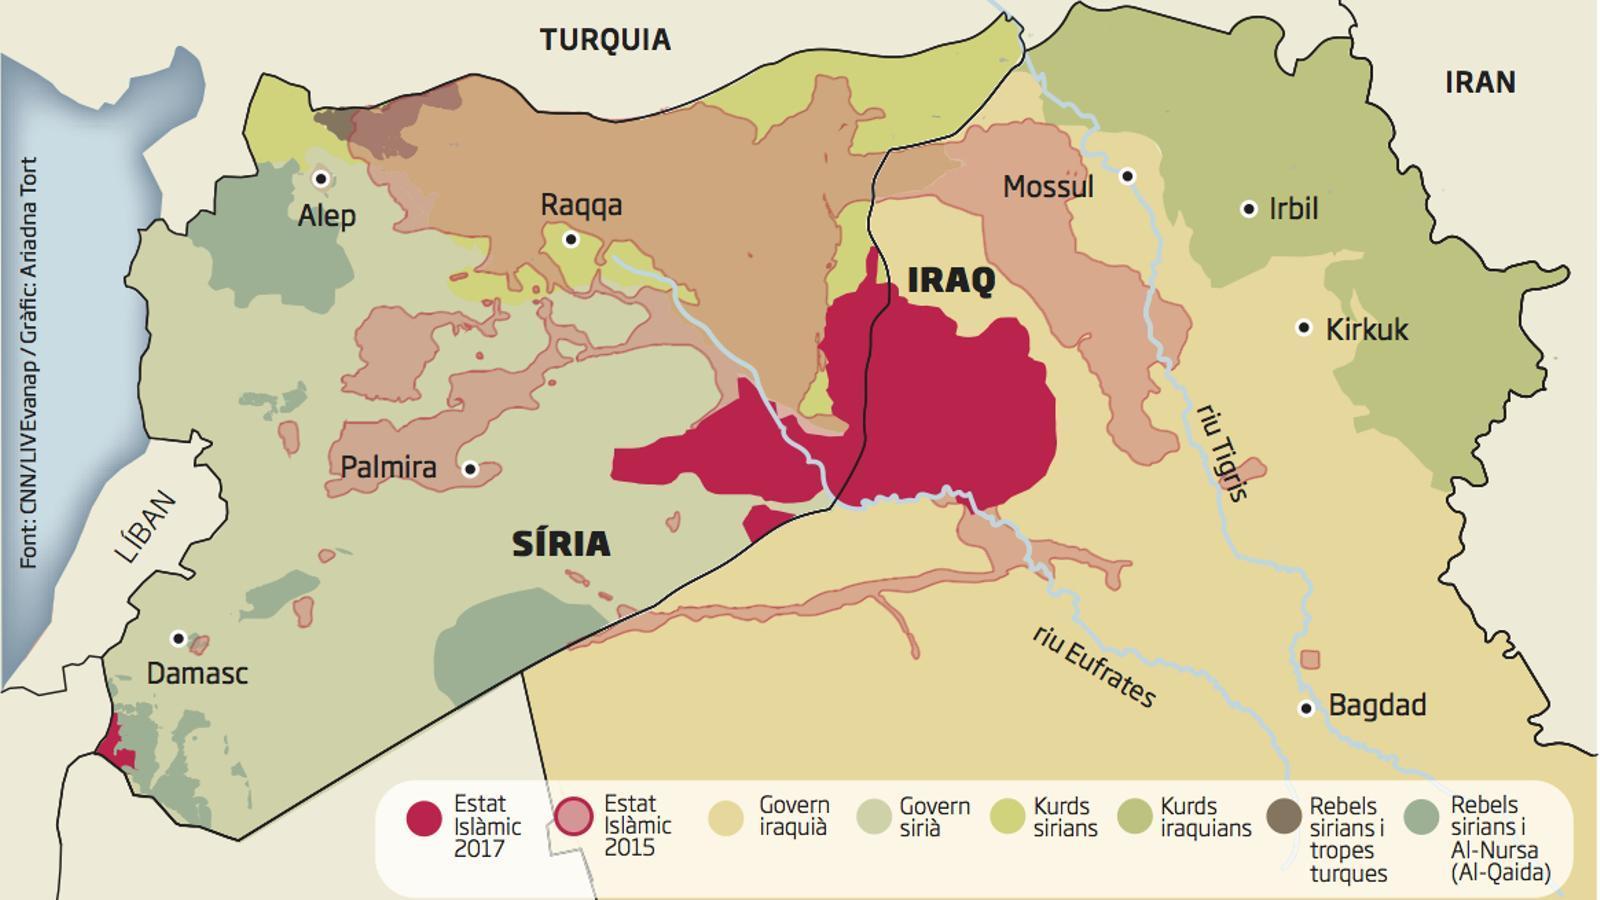 Què passarà amb el grup terrorista ara que ha perdut el seu territori?